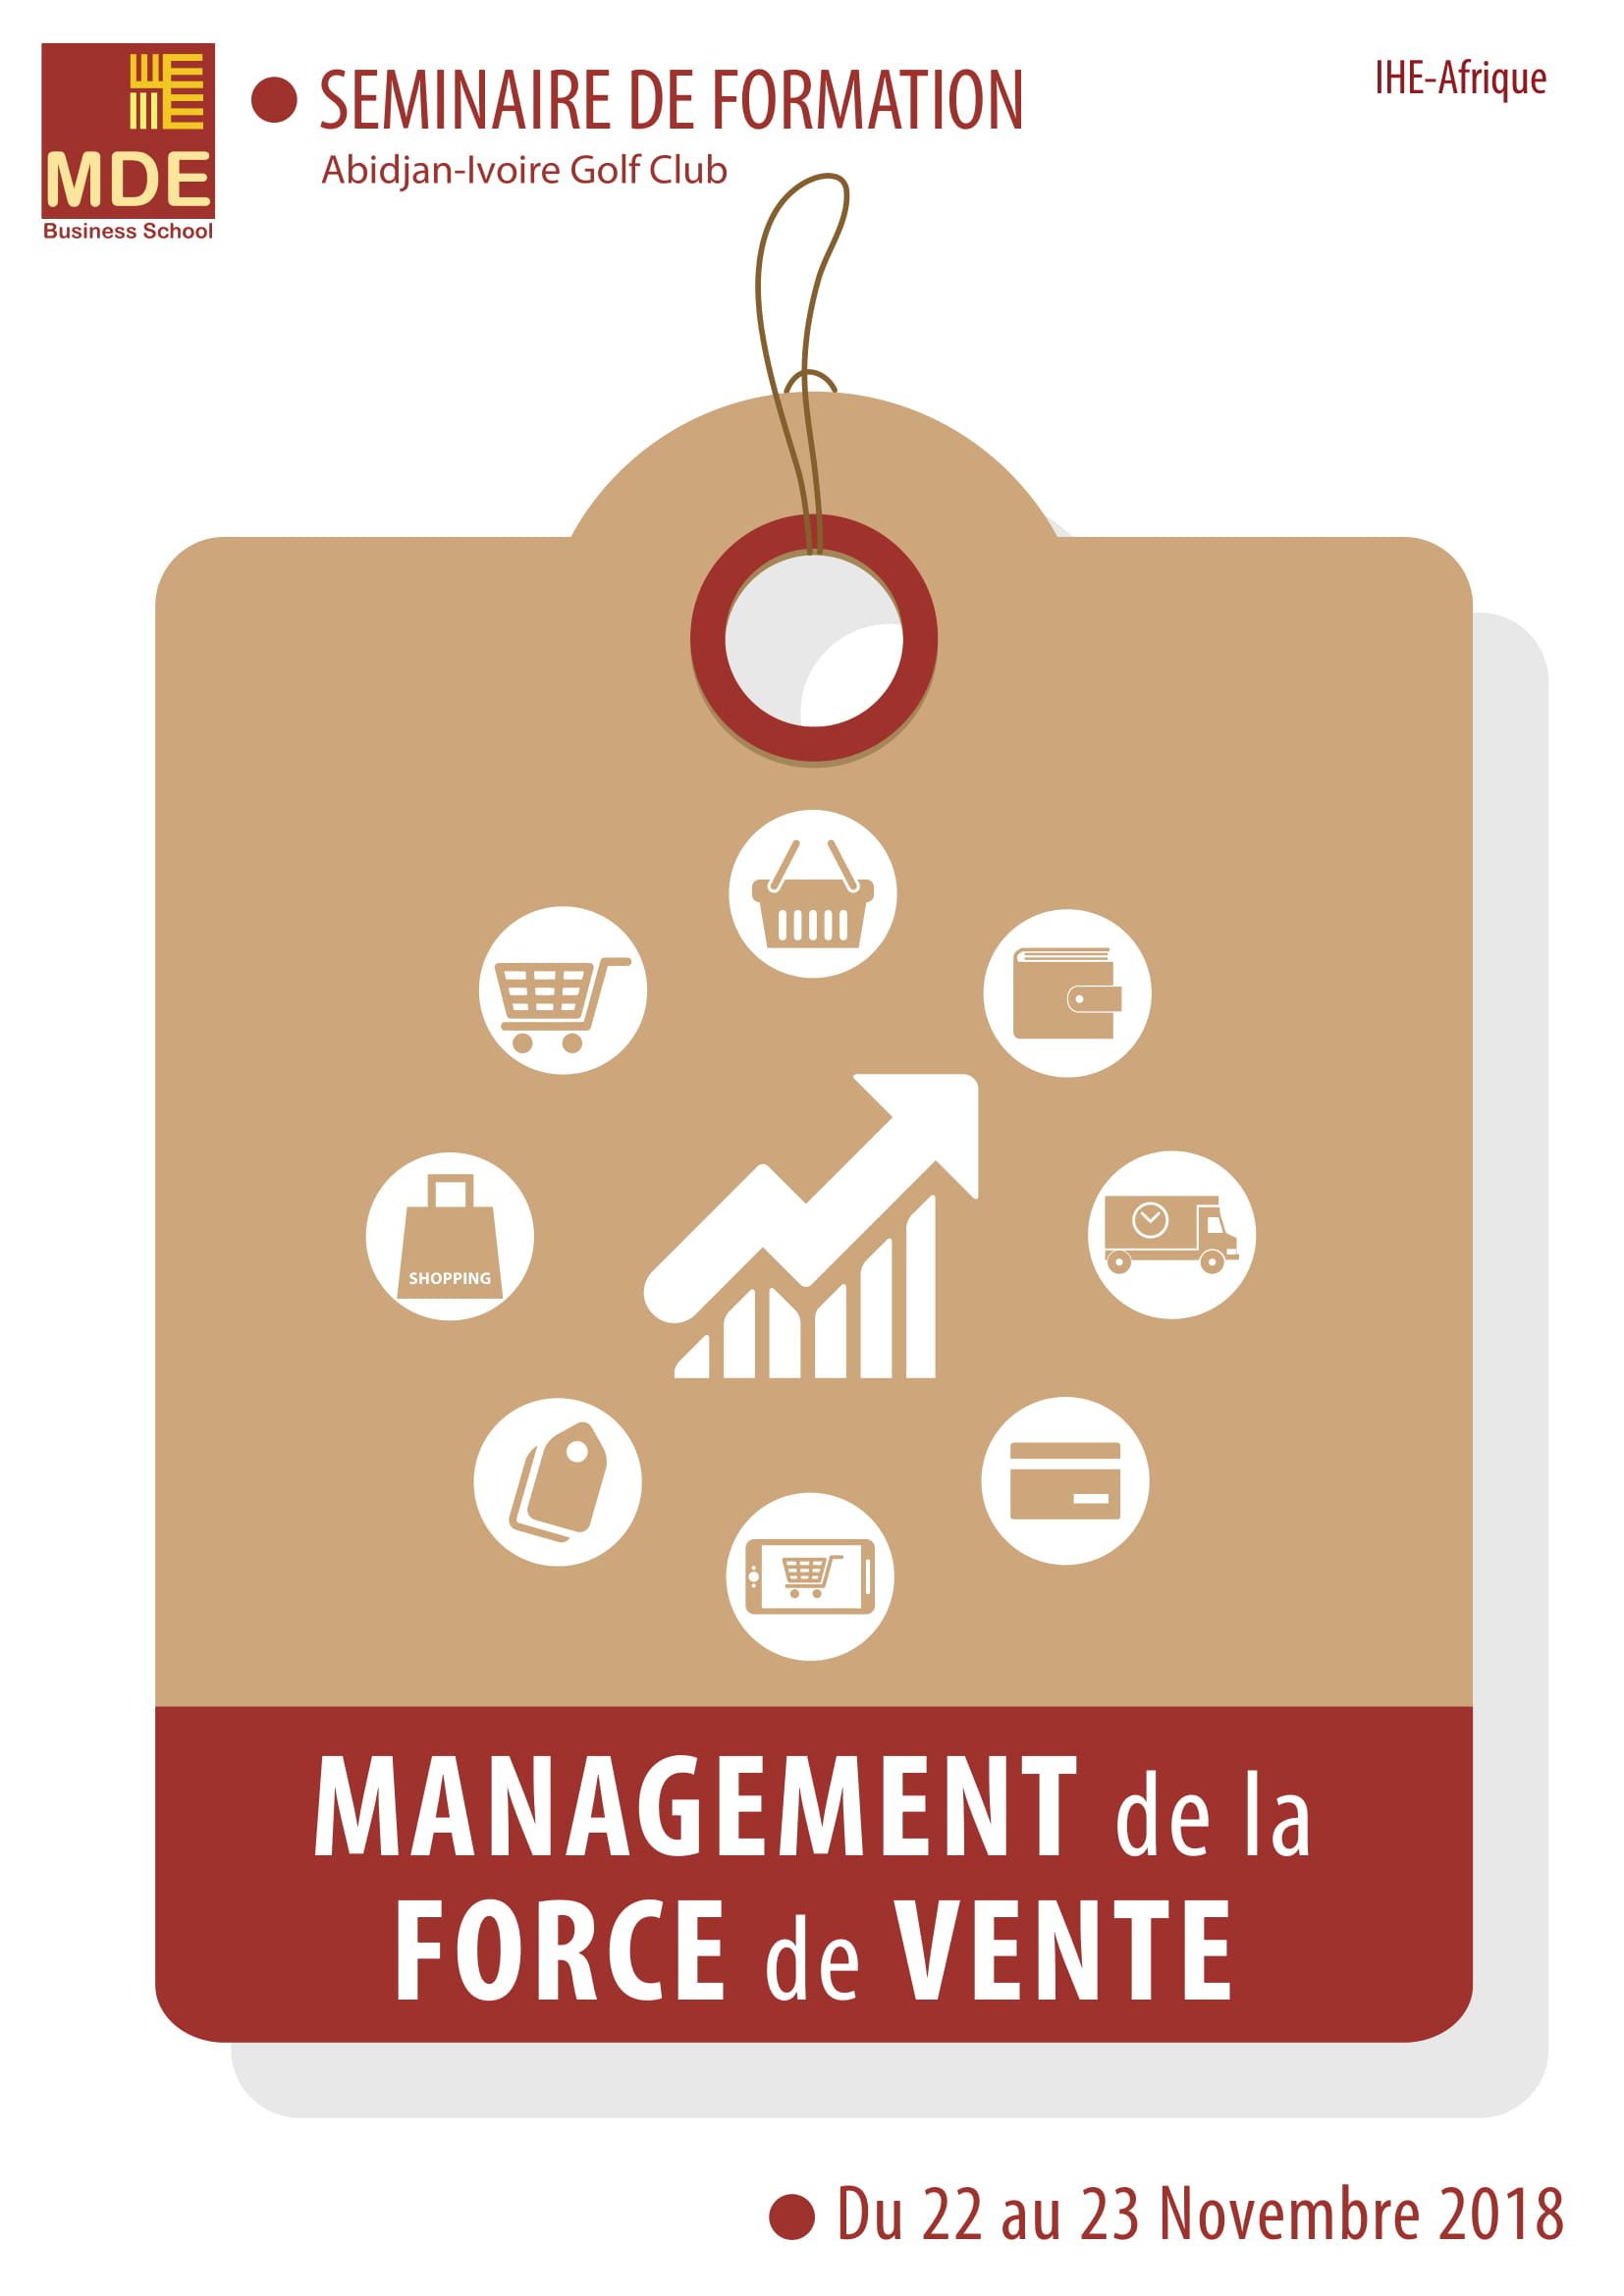 Séminaire-MDE_Management-de-la-Force-de-Vente_Novembre-2018